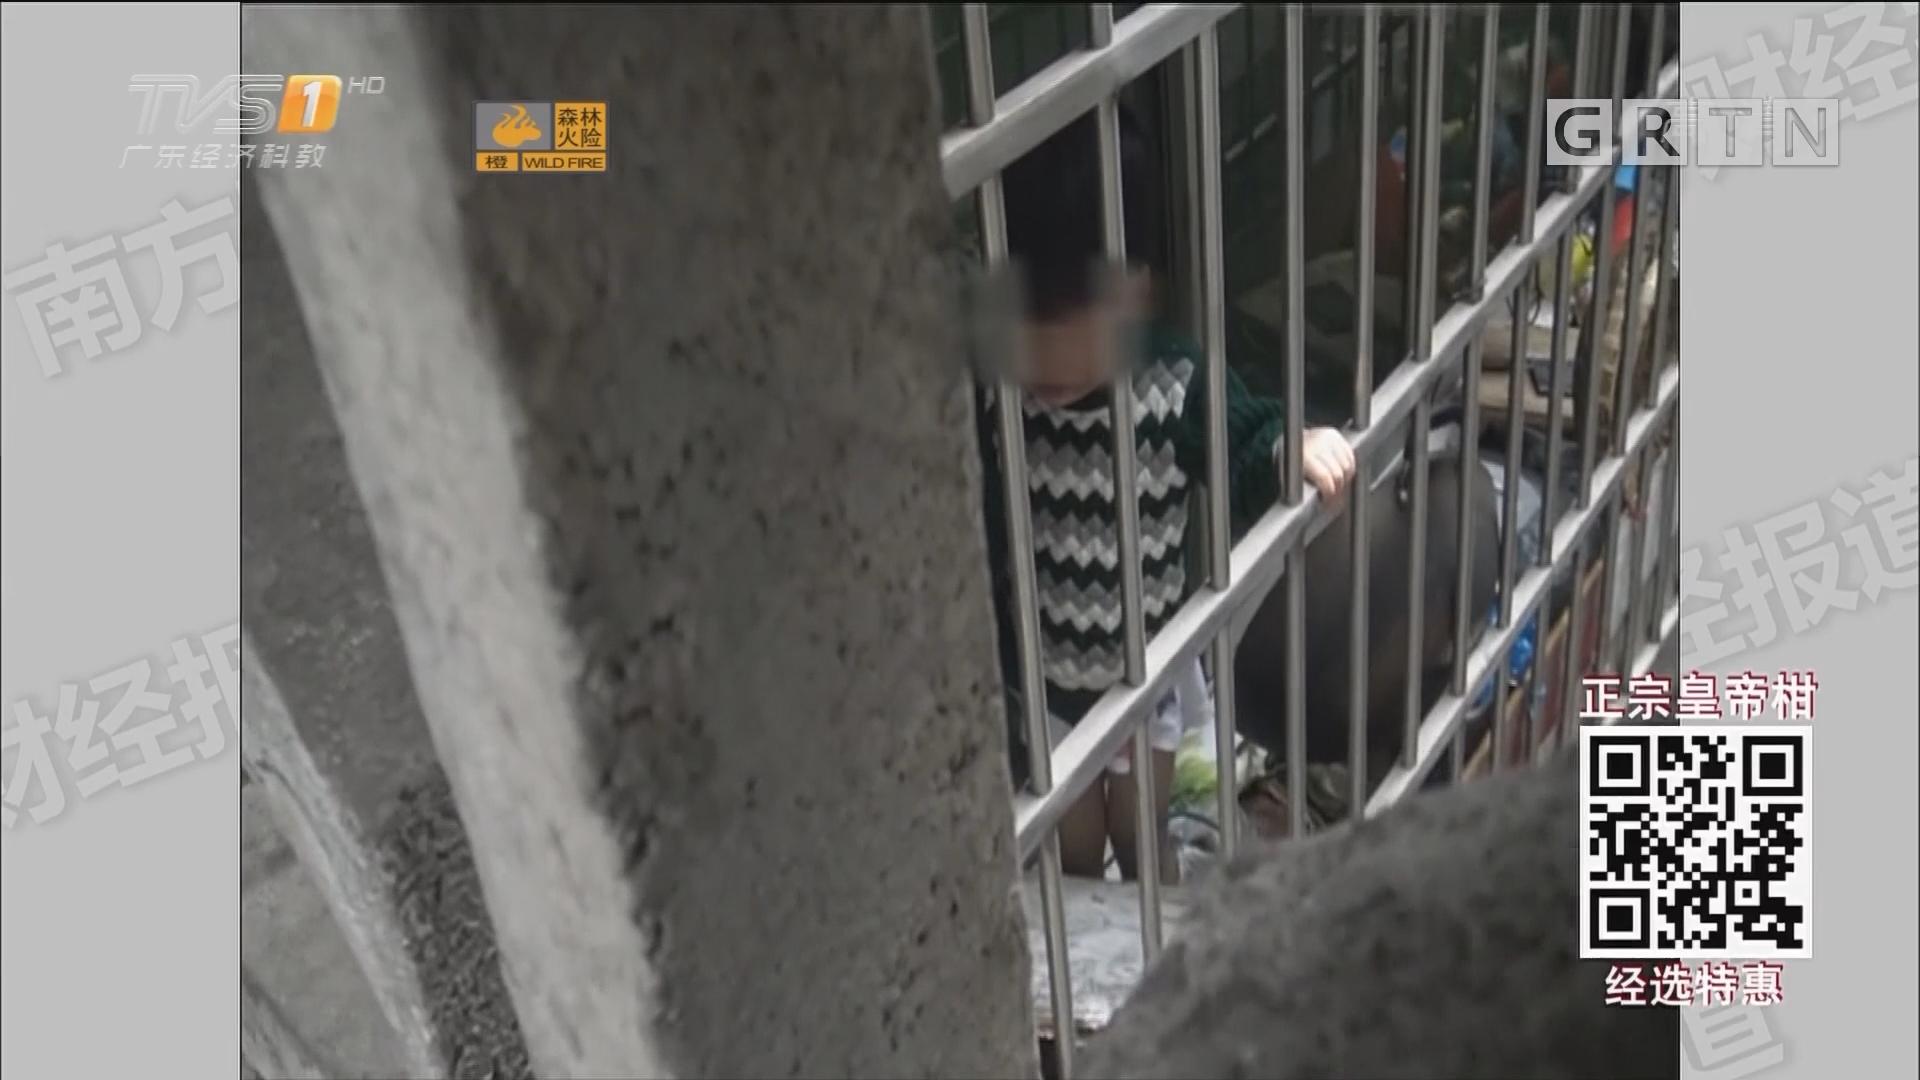 惊险!独留小孩在家中 爬上栏杆酿险情